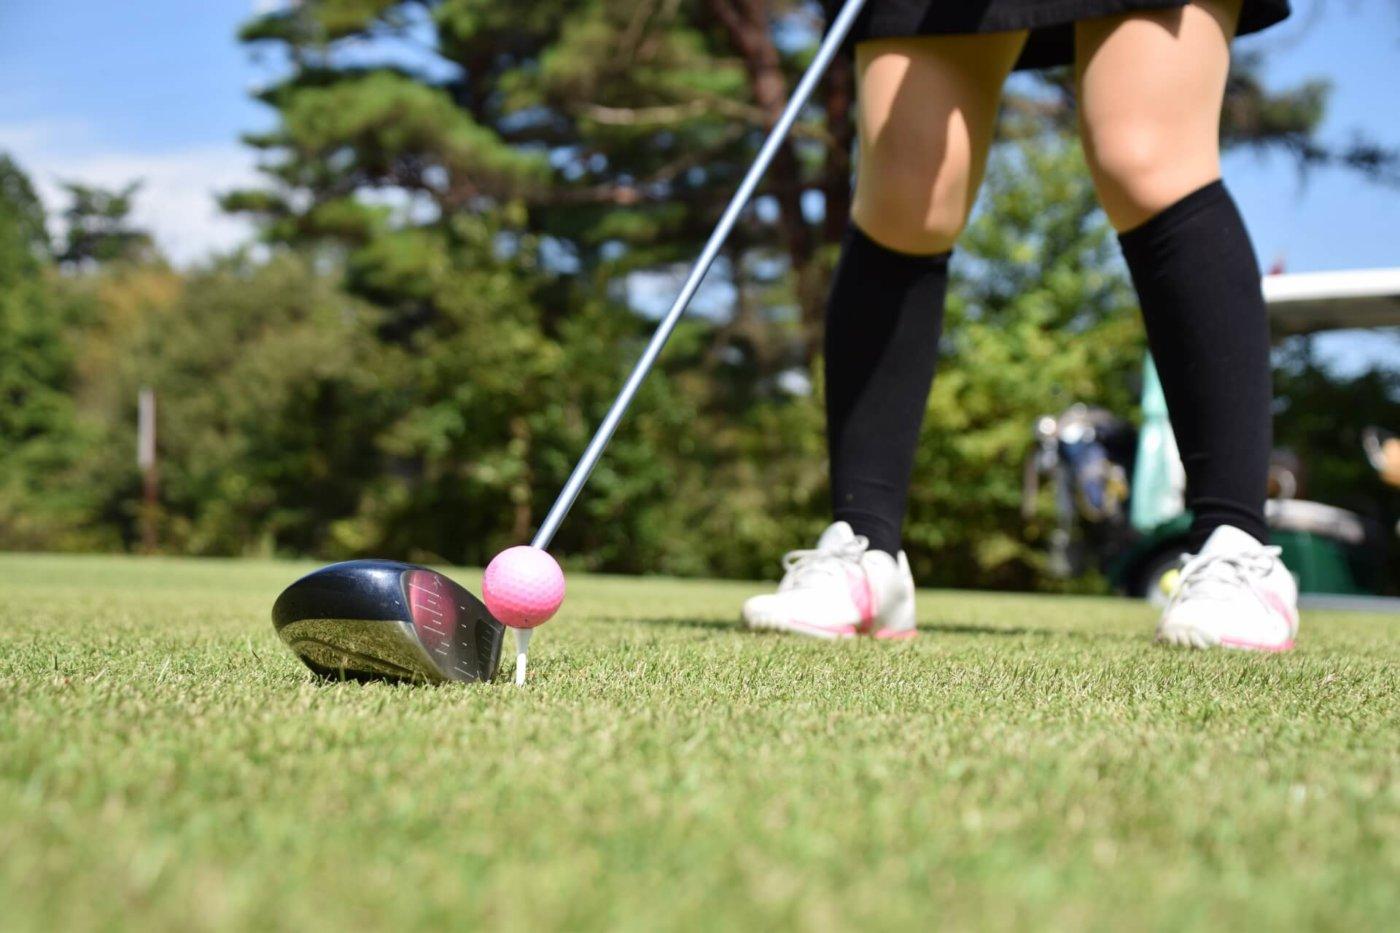 ゴルフ場ではネームプレートのセンスが光る!